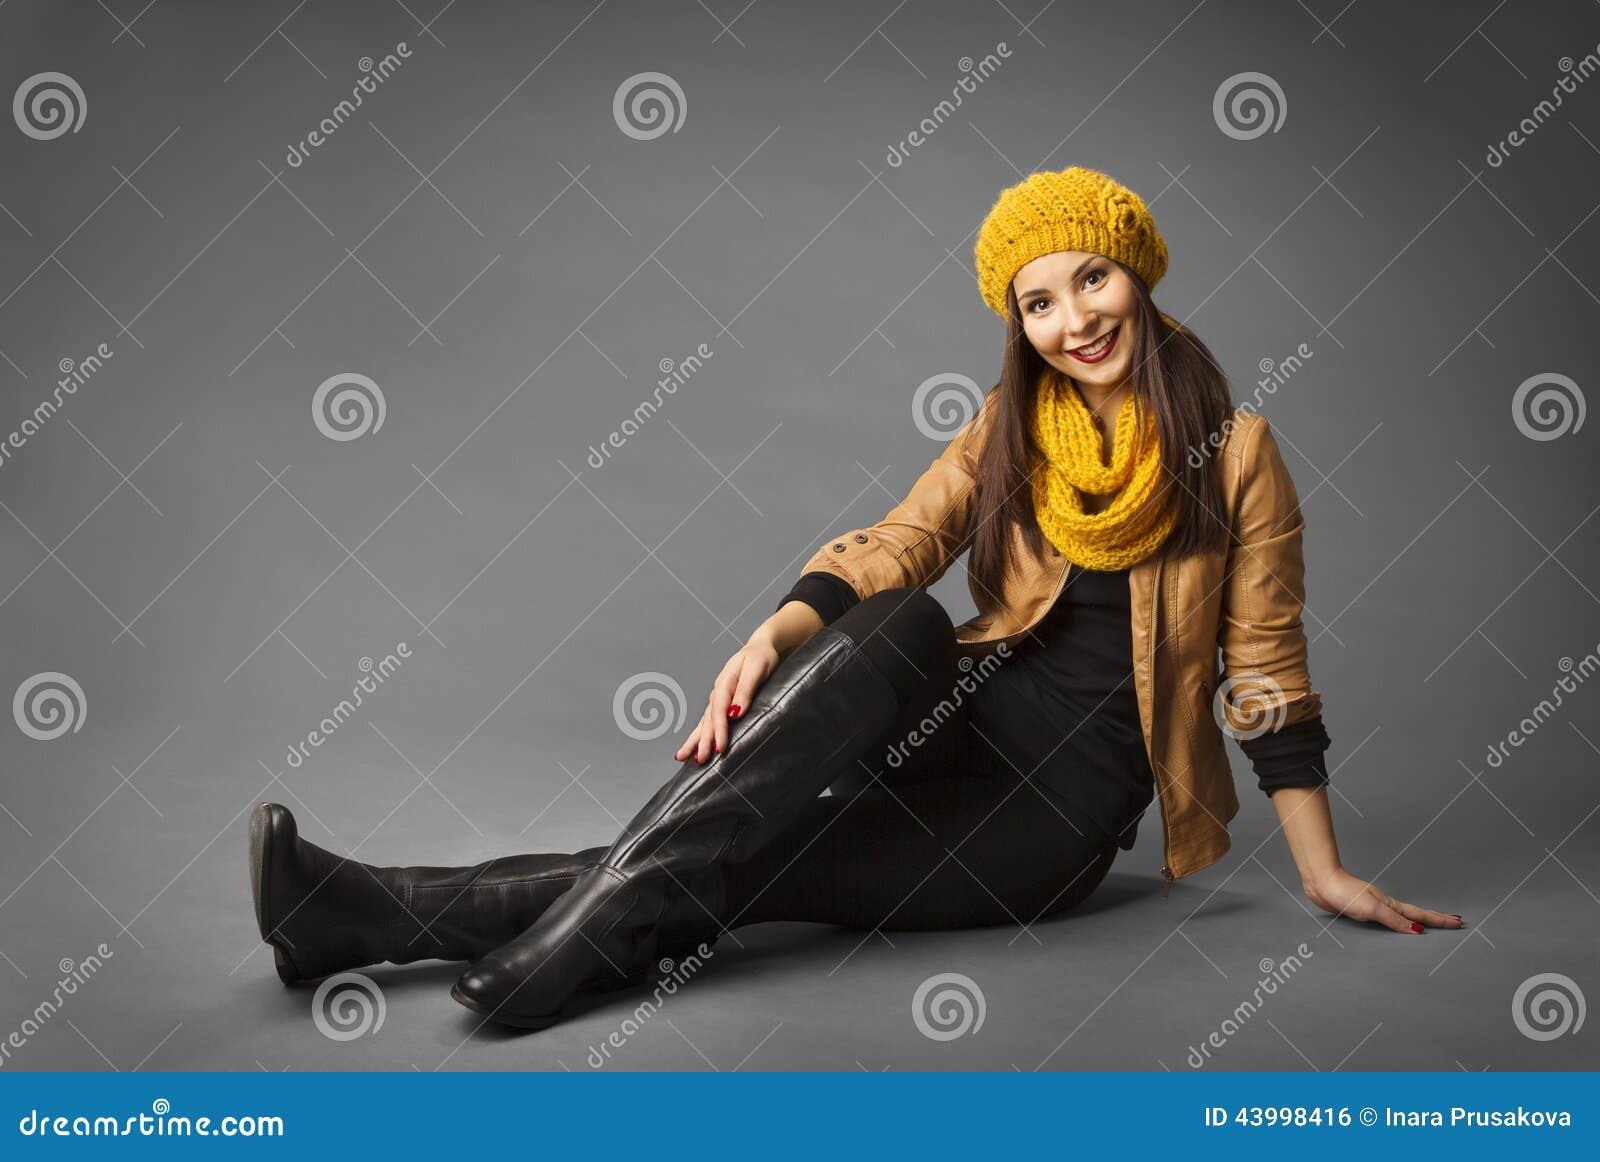 Portrait de beauté de mode de femme, Girl In modèle Autumn Season